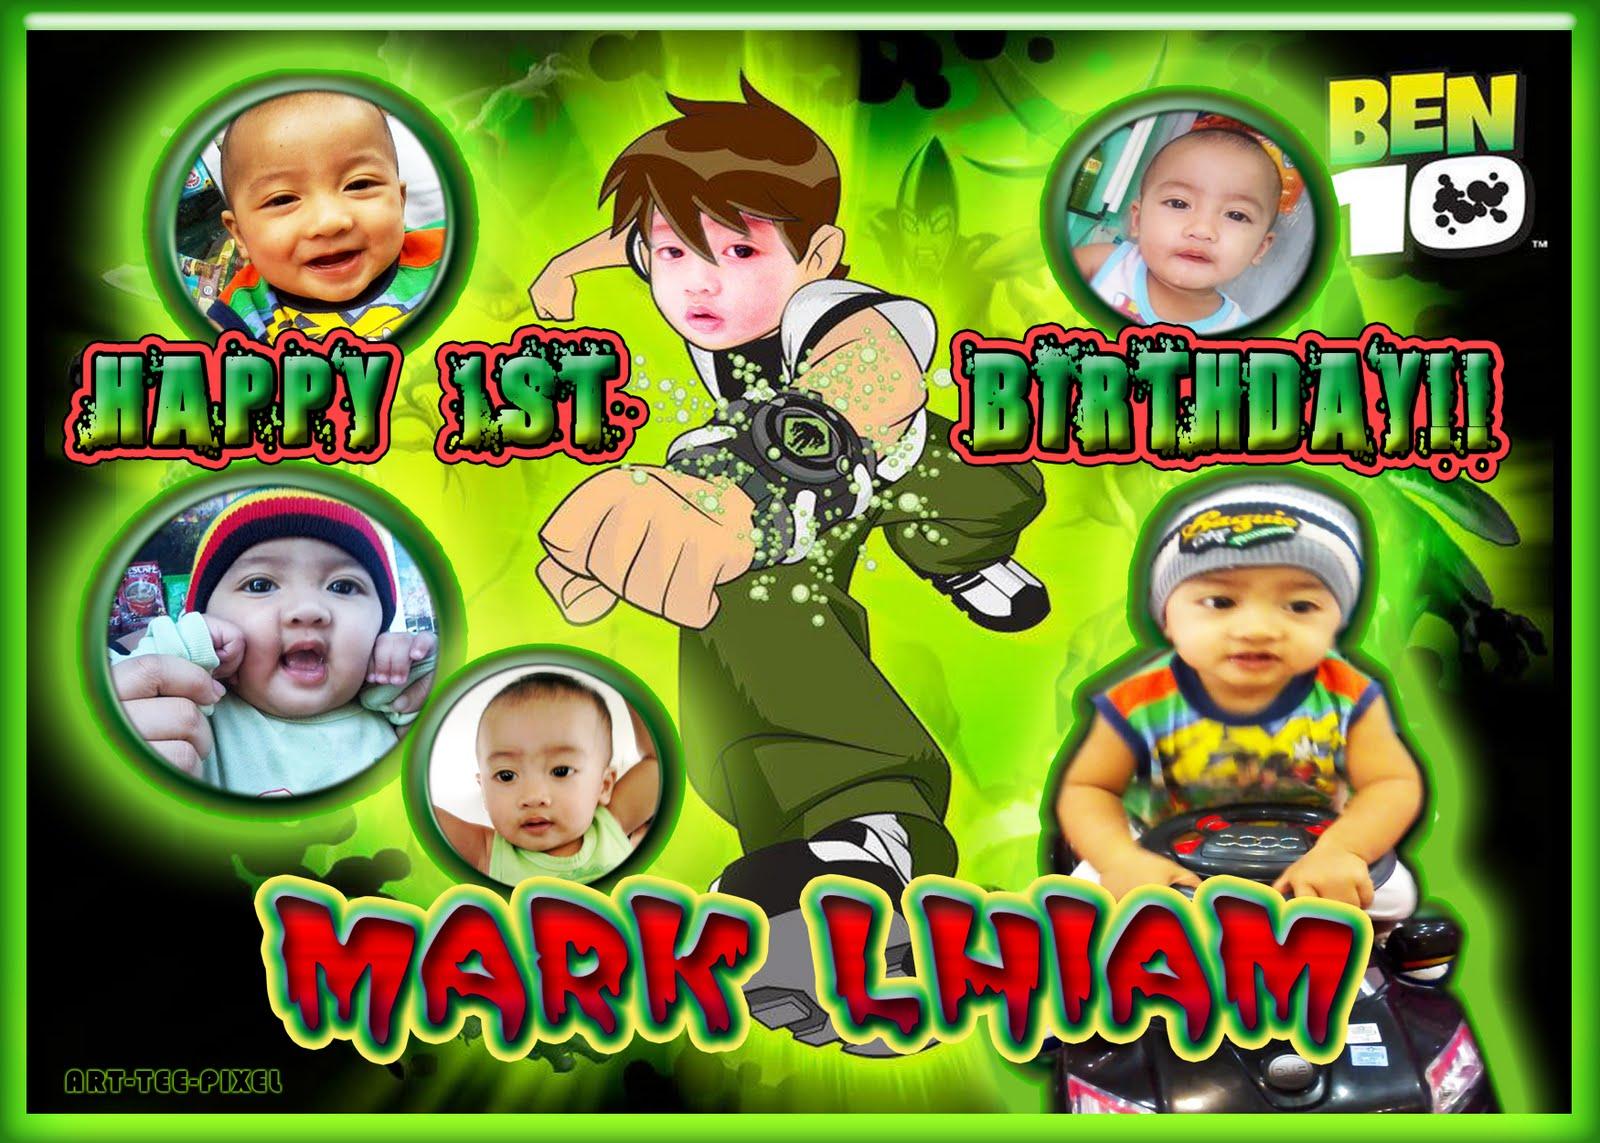 Ben 10 Tarpaulin and Invitation on 1st Birthday